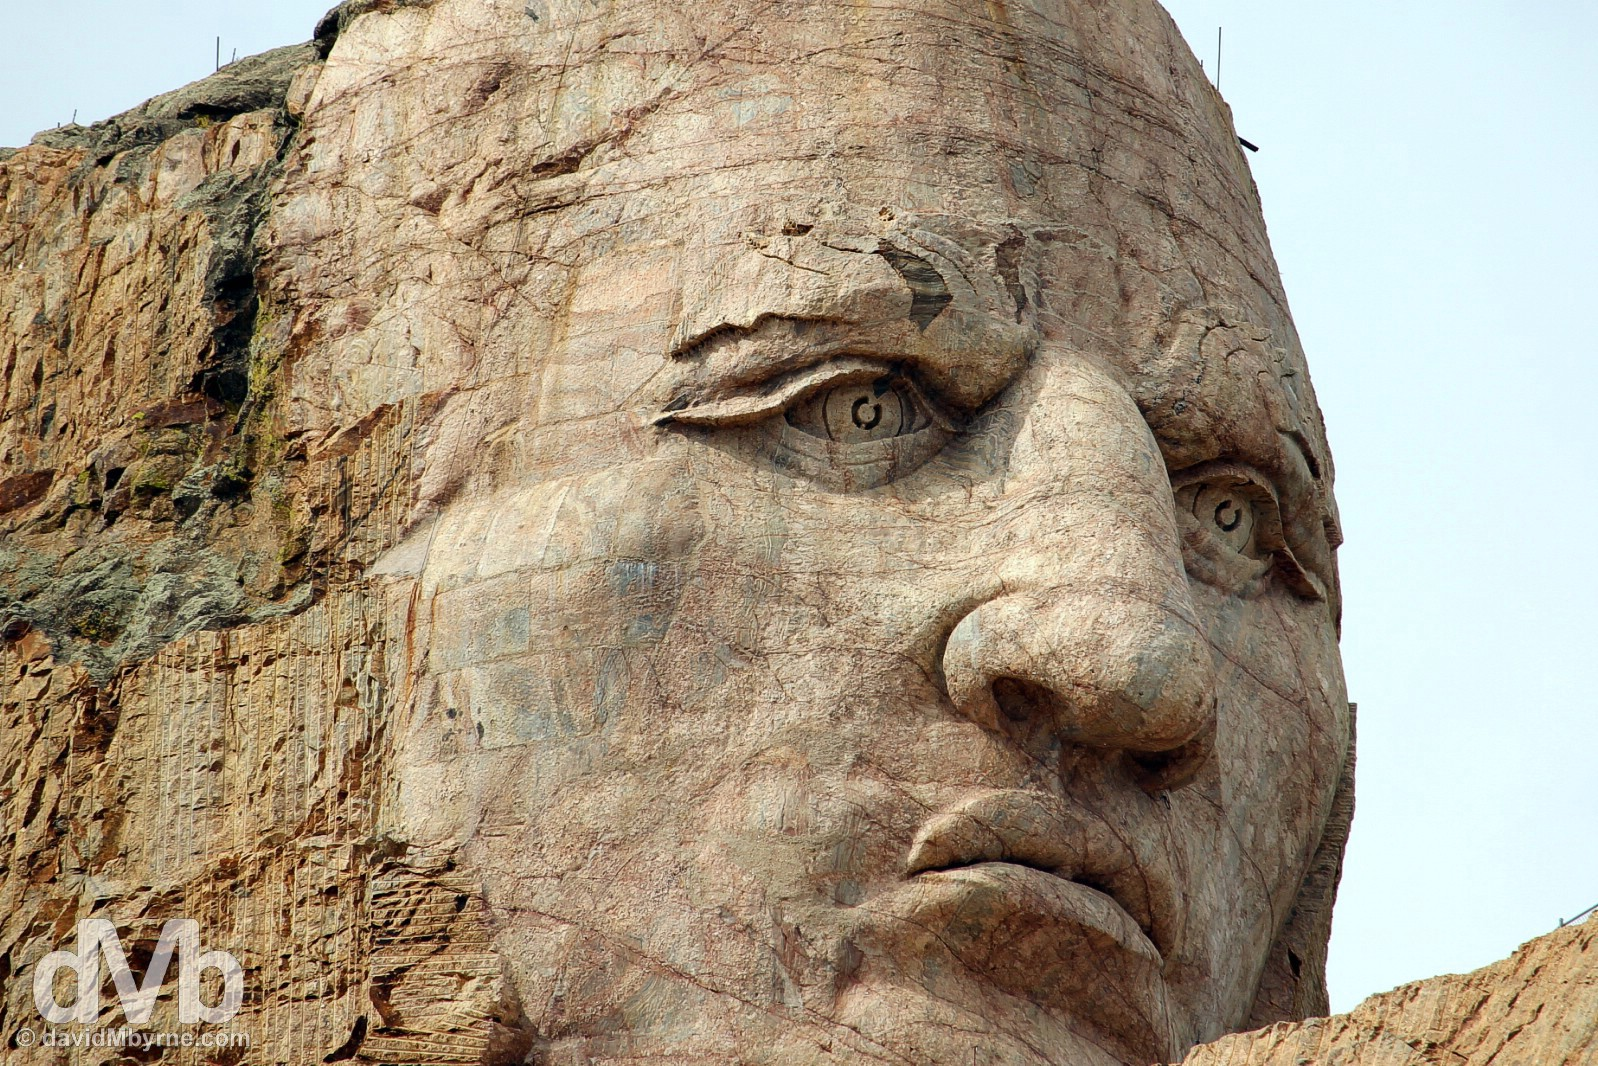 Crazy Horse Memorial, Black Hills, South Dakota, USA. September 1, 2016.